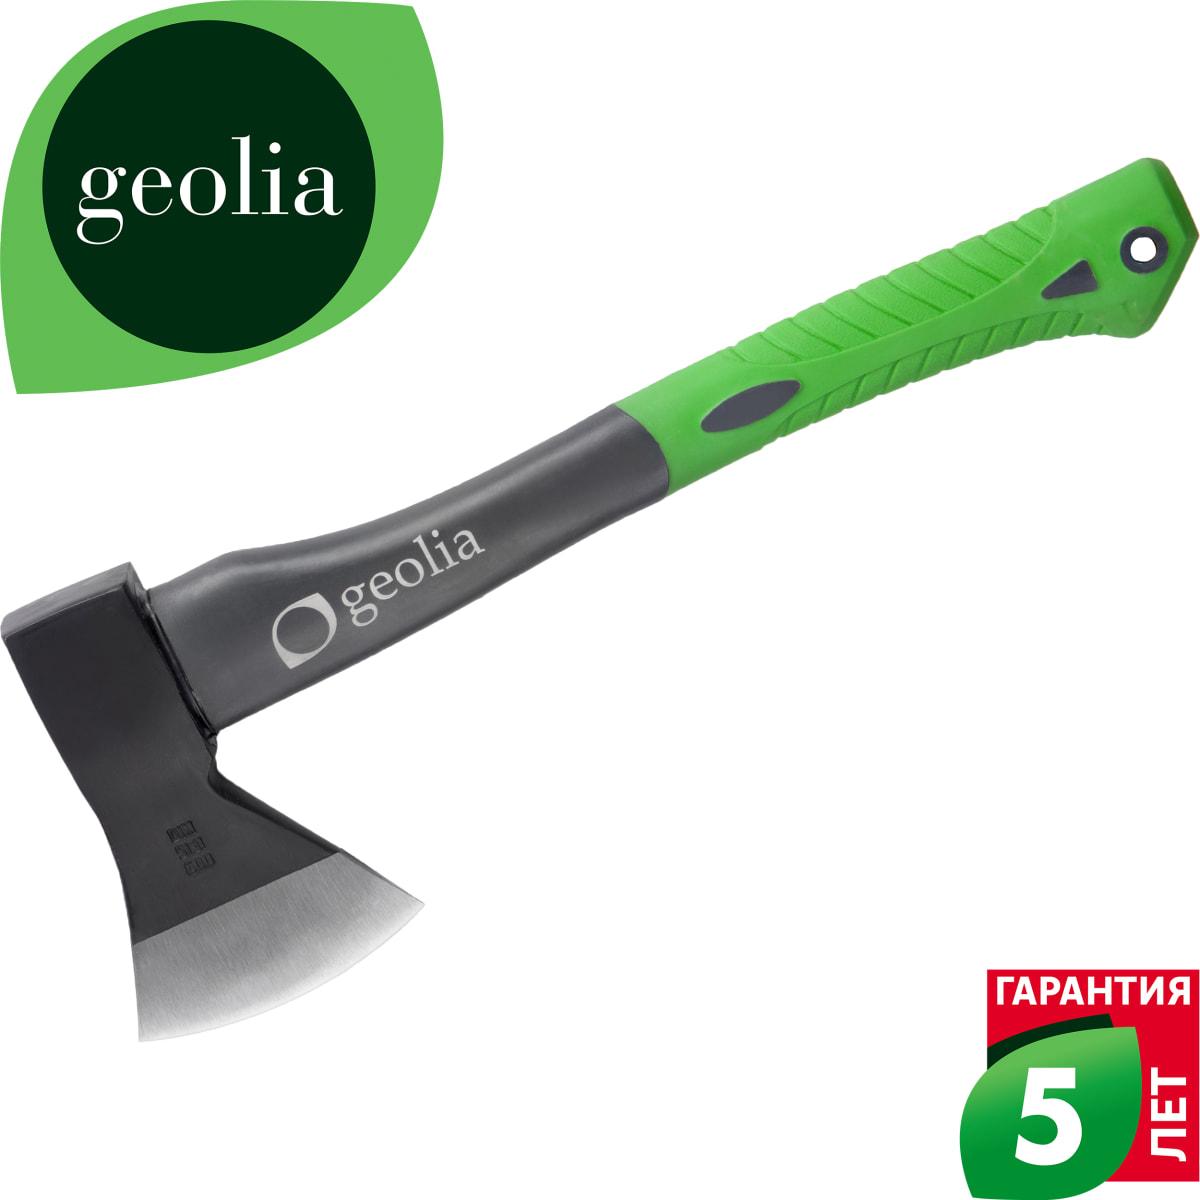 Топор Geolia фиберглассовая ручка 0.94 кг